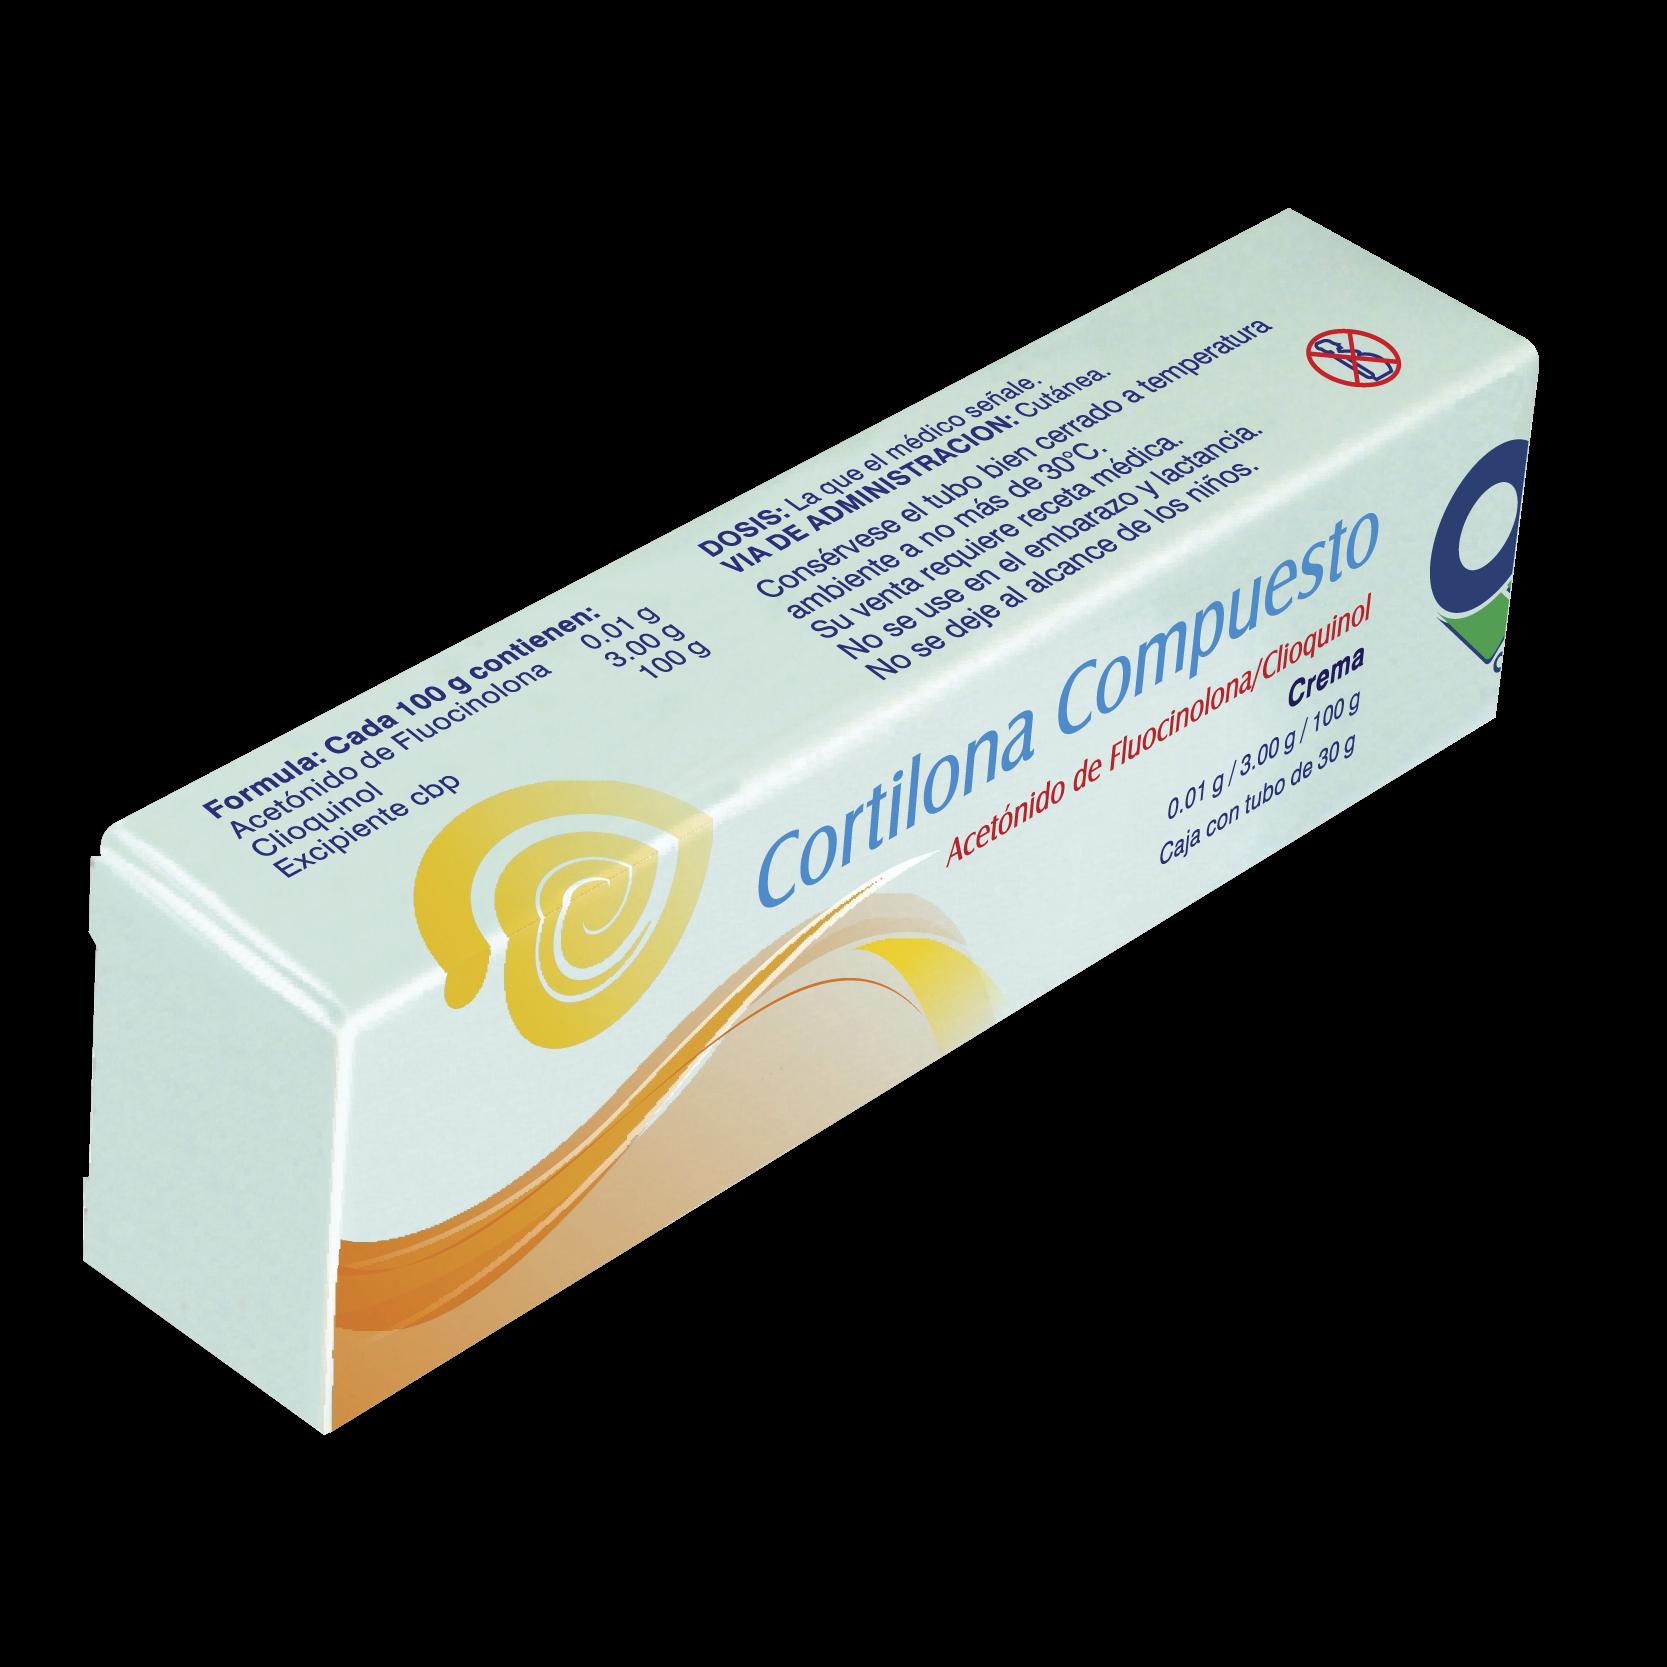 Cortilona compuesto